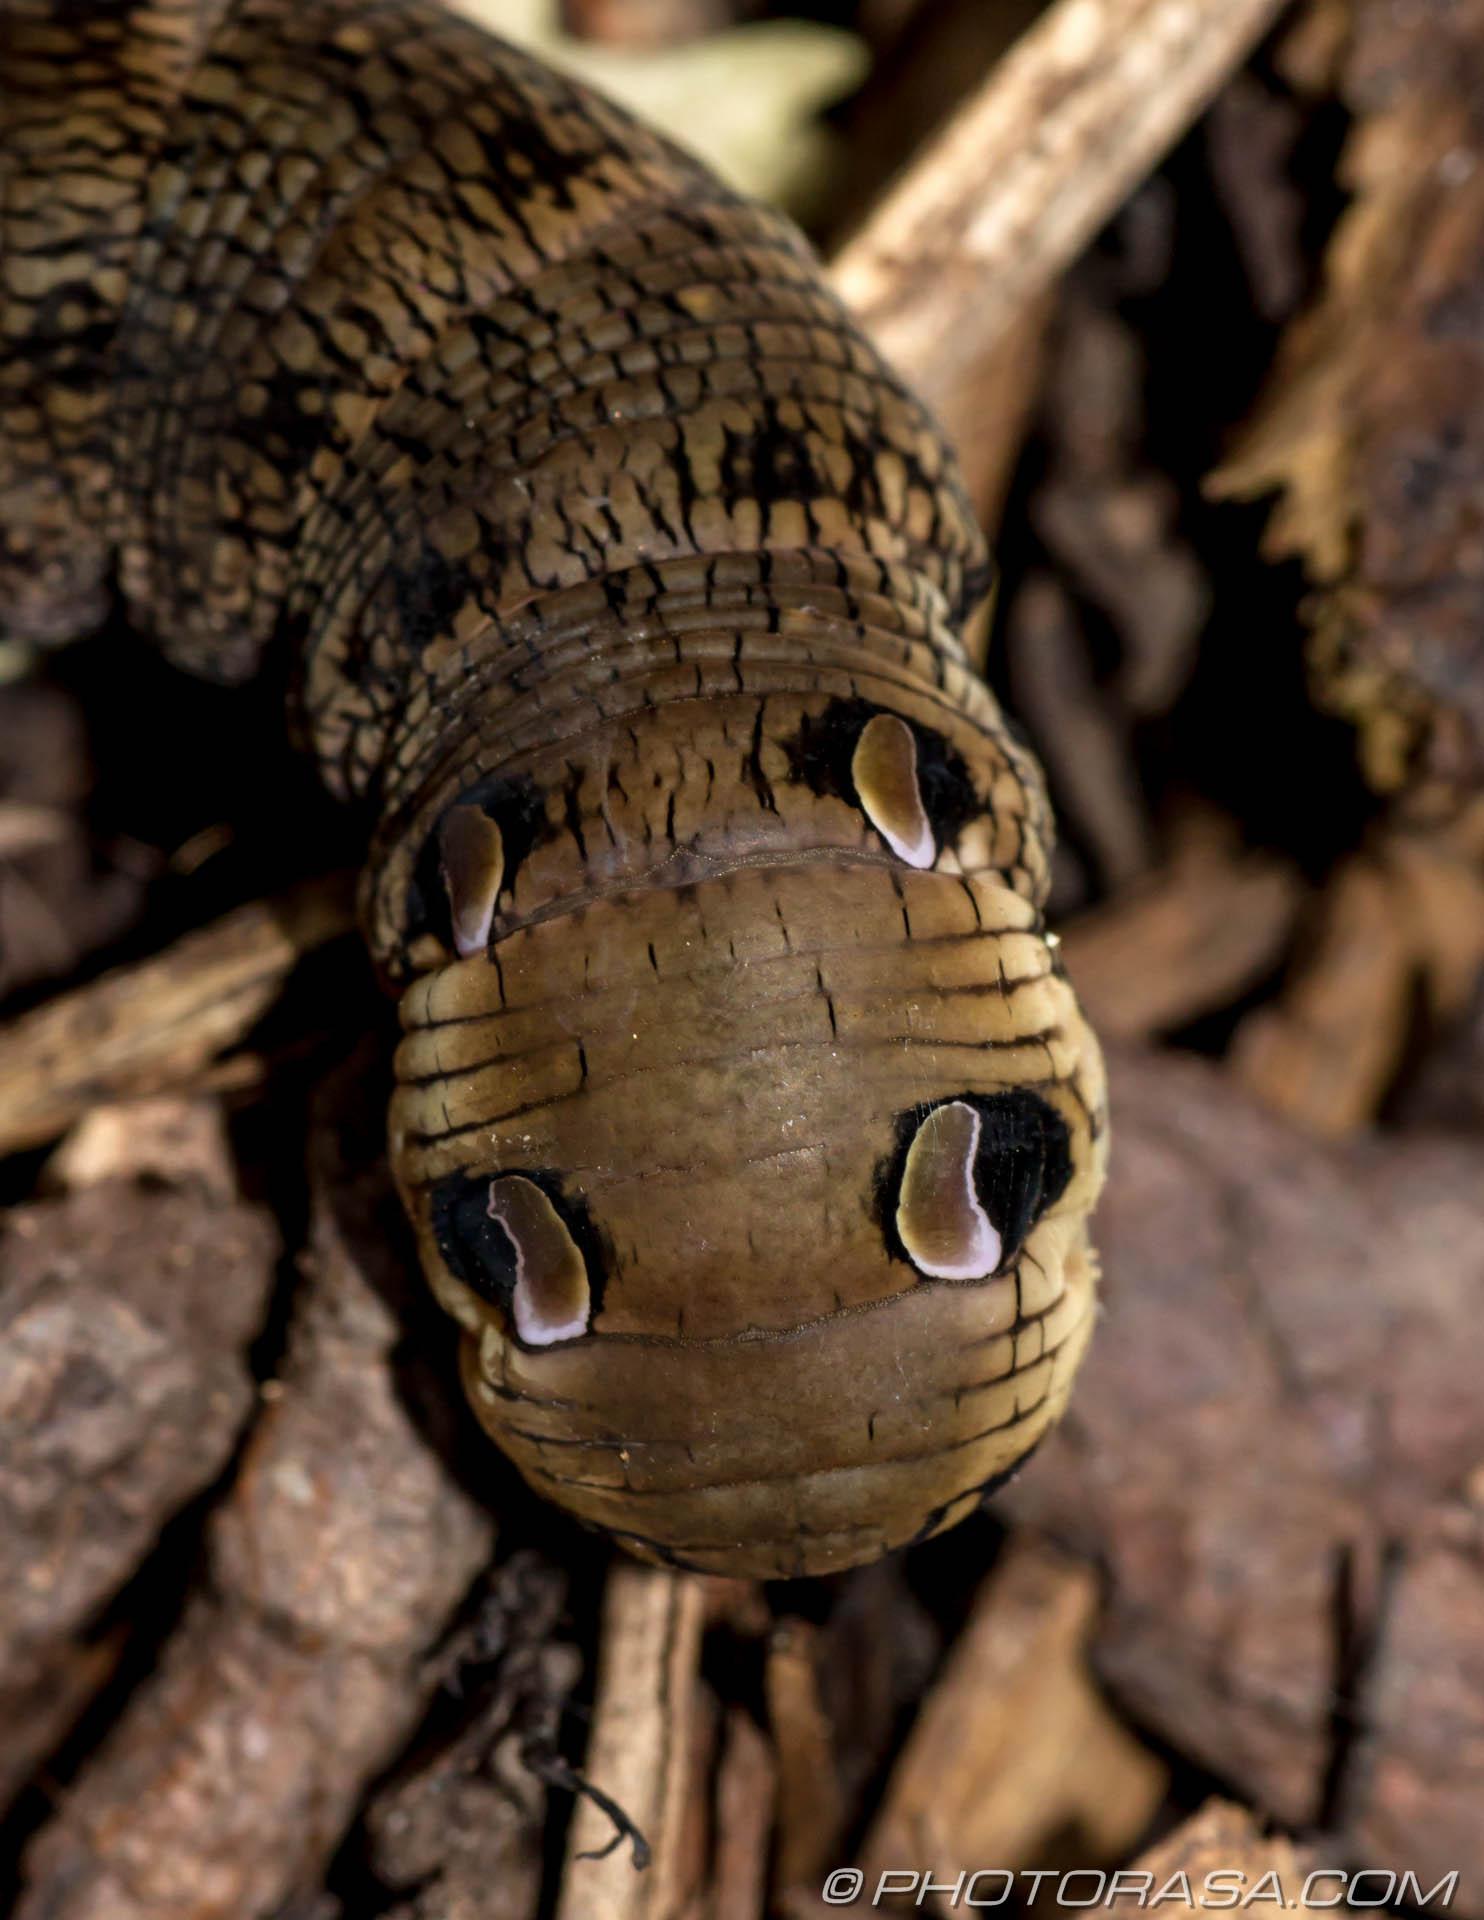 https://photorasa.com/elephant-hawk-moth-caterpillar/eye-markings/